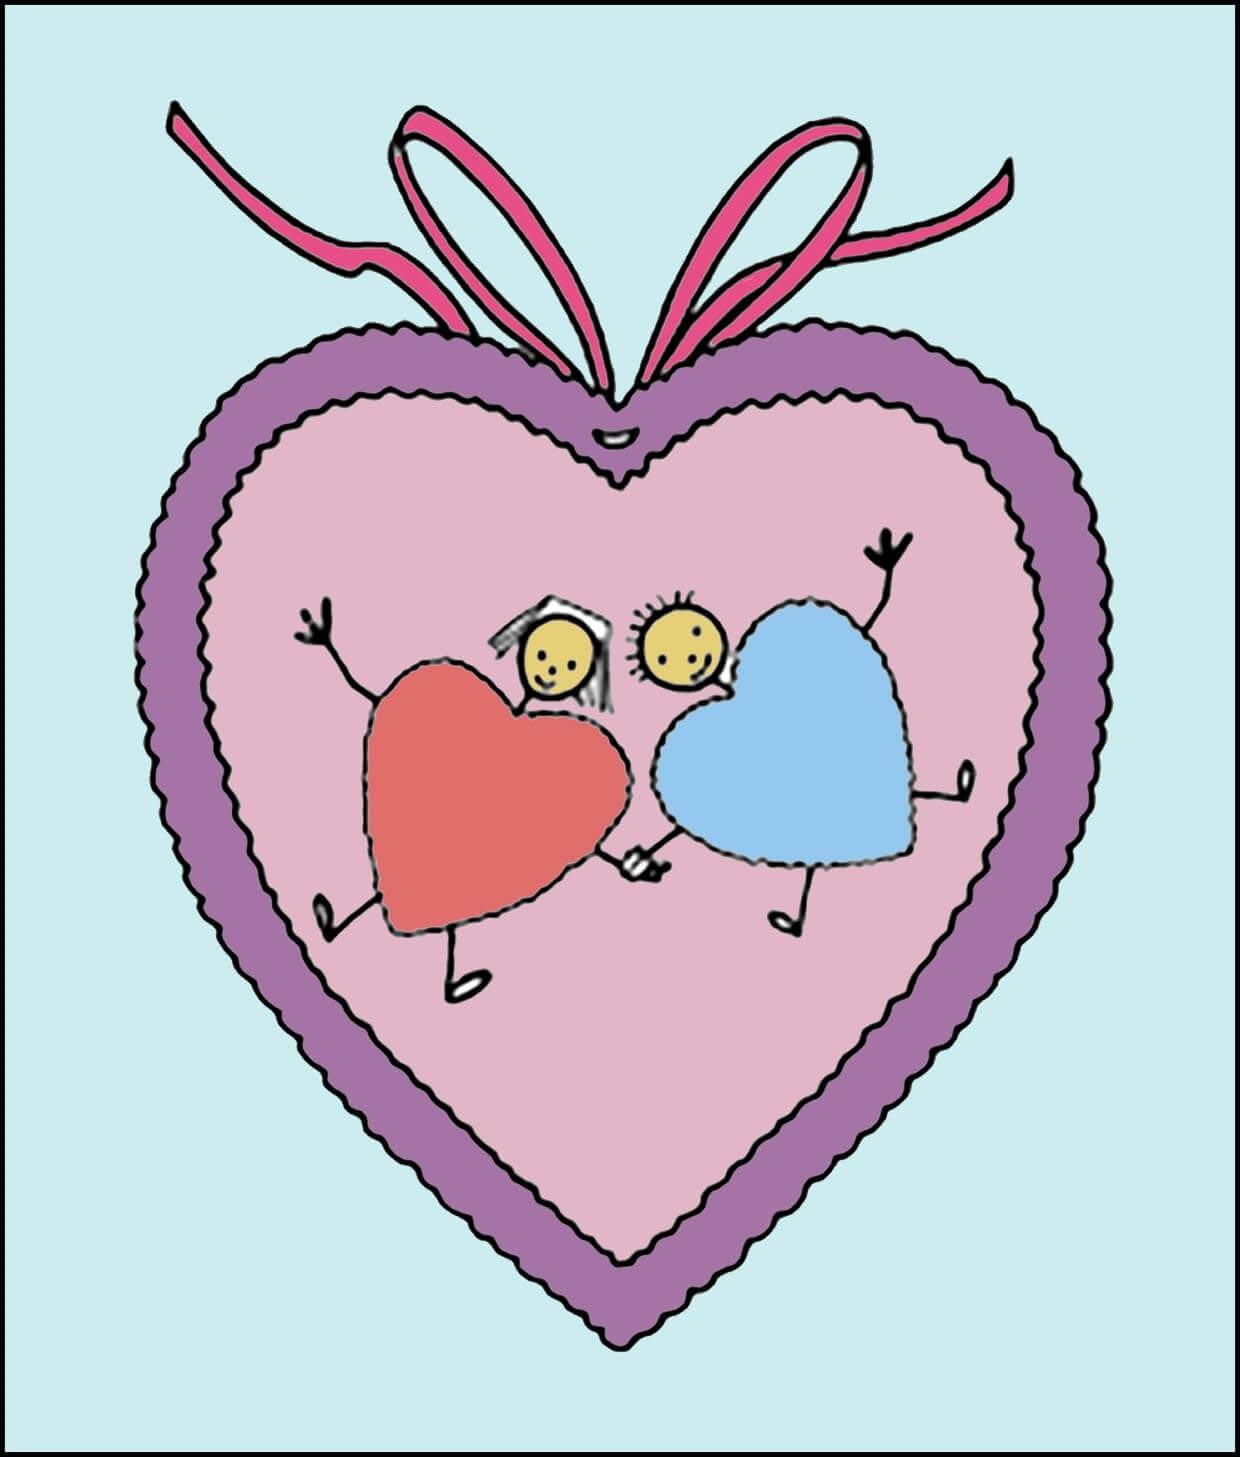 Картинка влюбленные сердечки